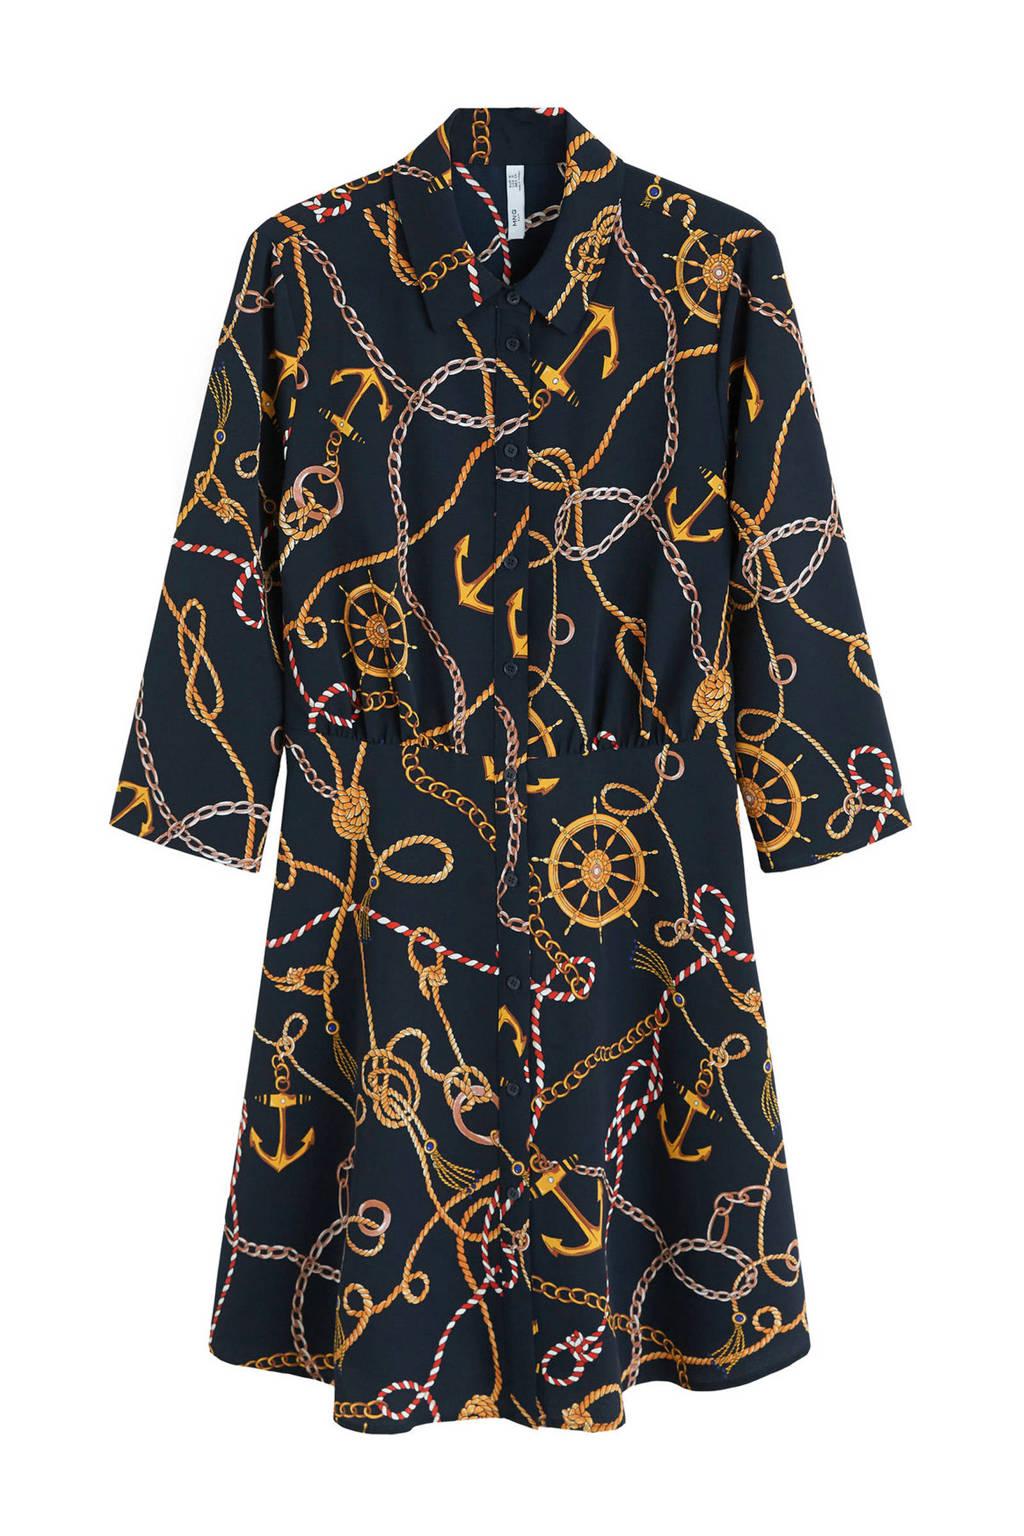 Mango jurk met all-over print, Donkerblauw/goud